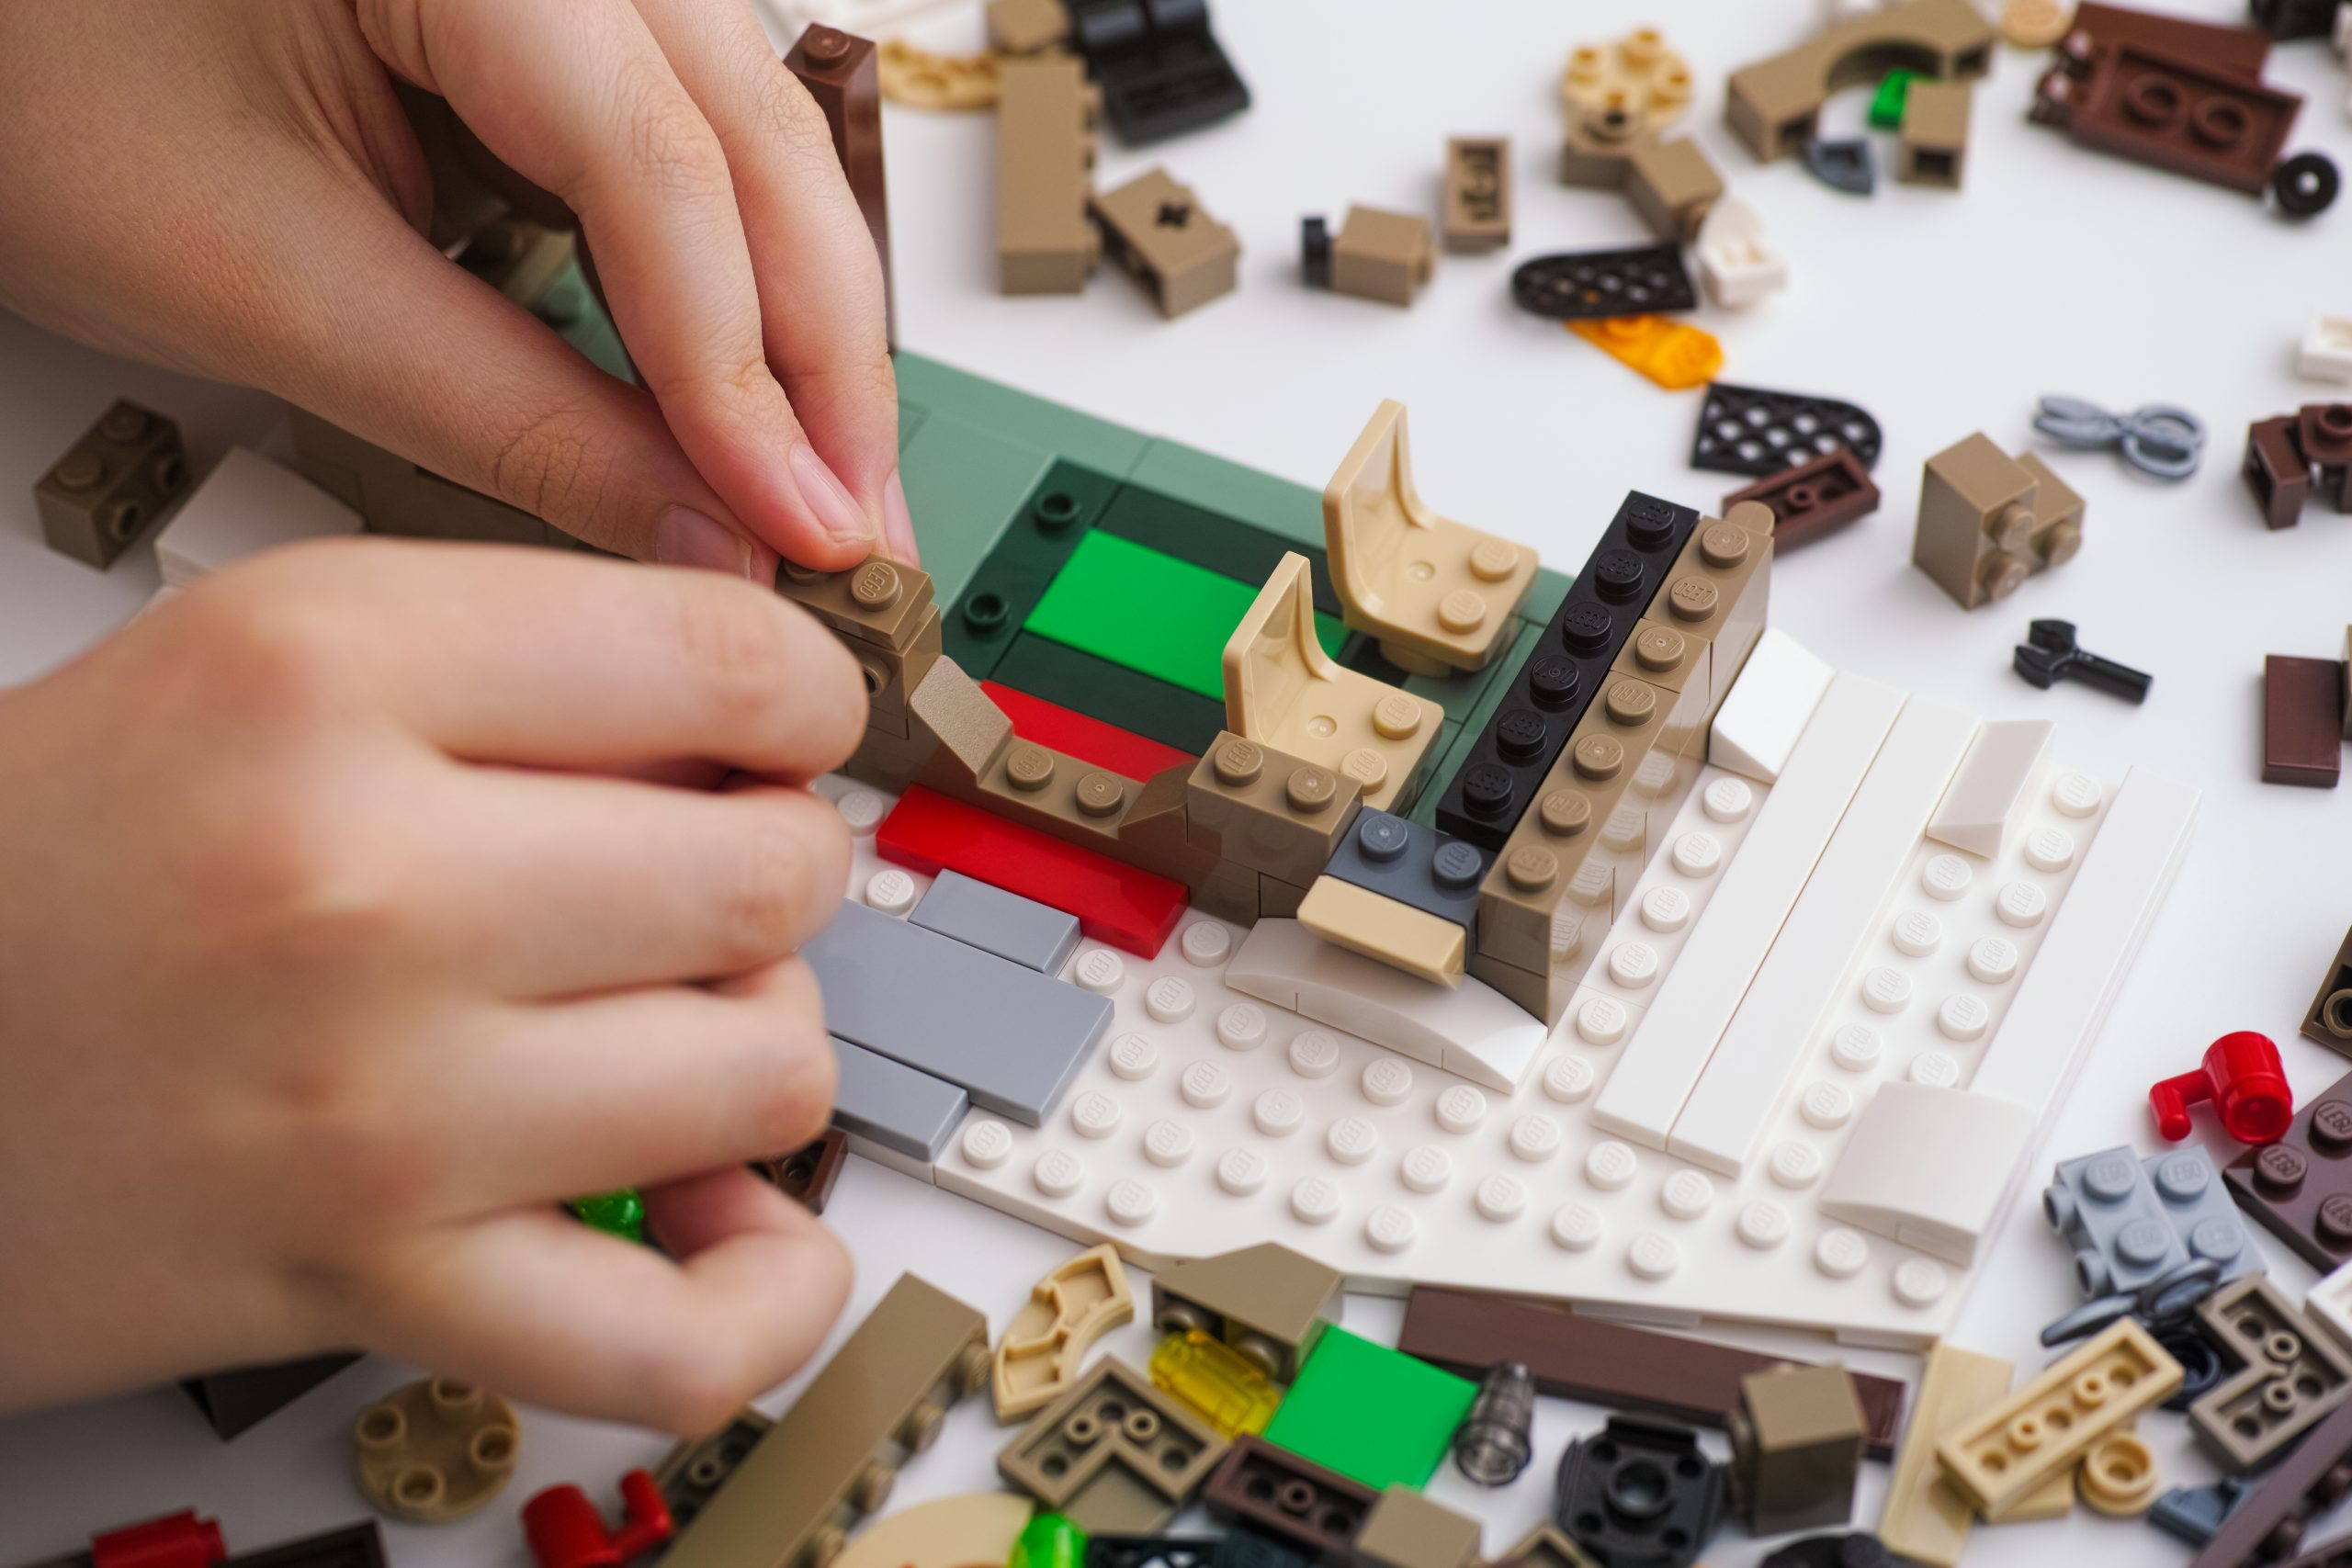 15 лучших наборов Лего в 2021 году